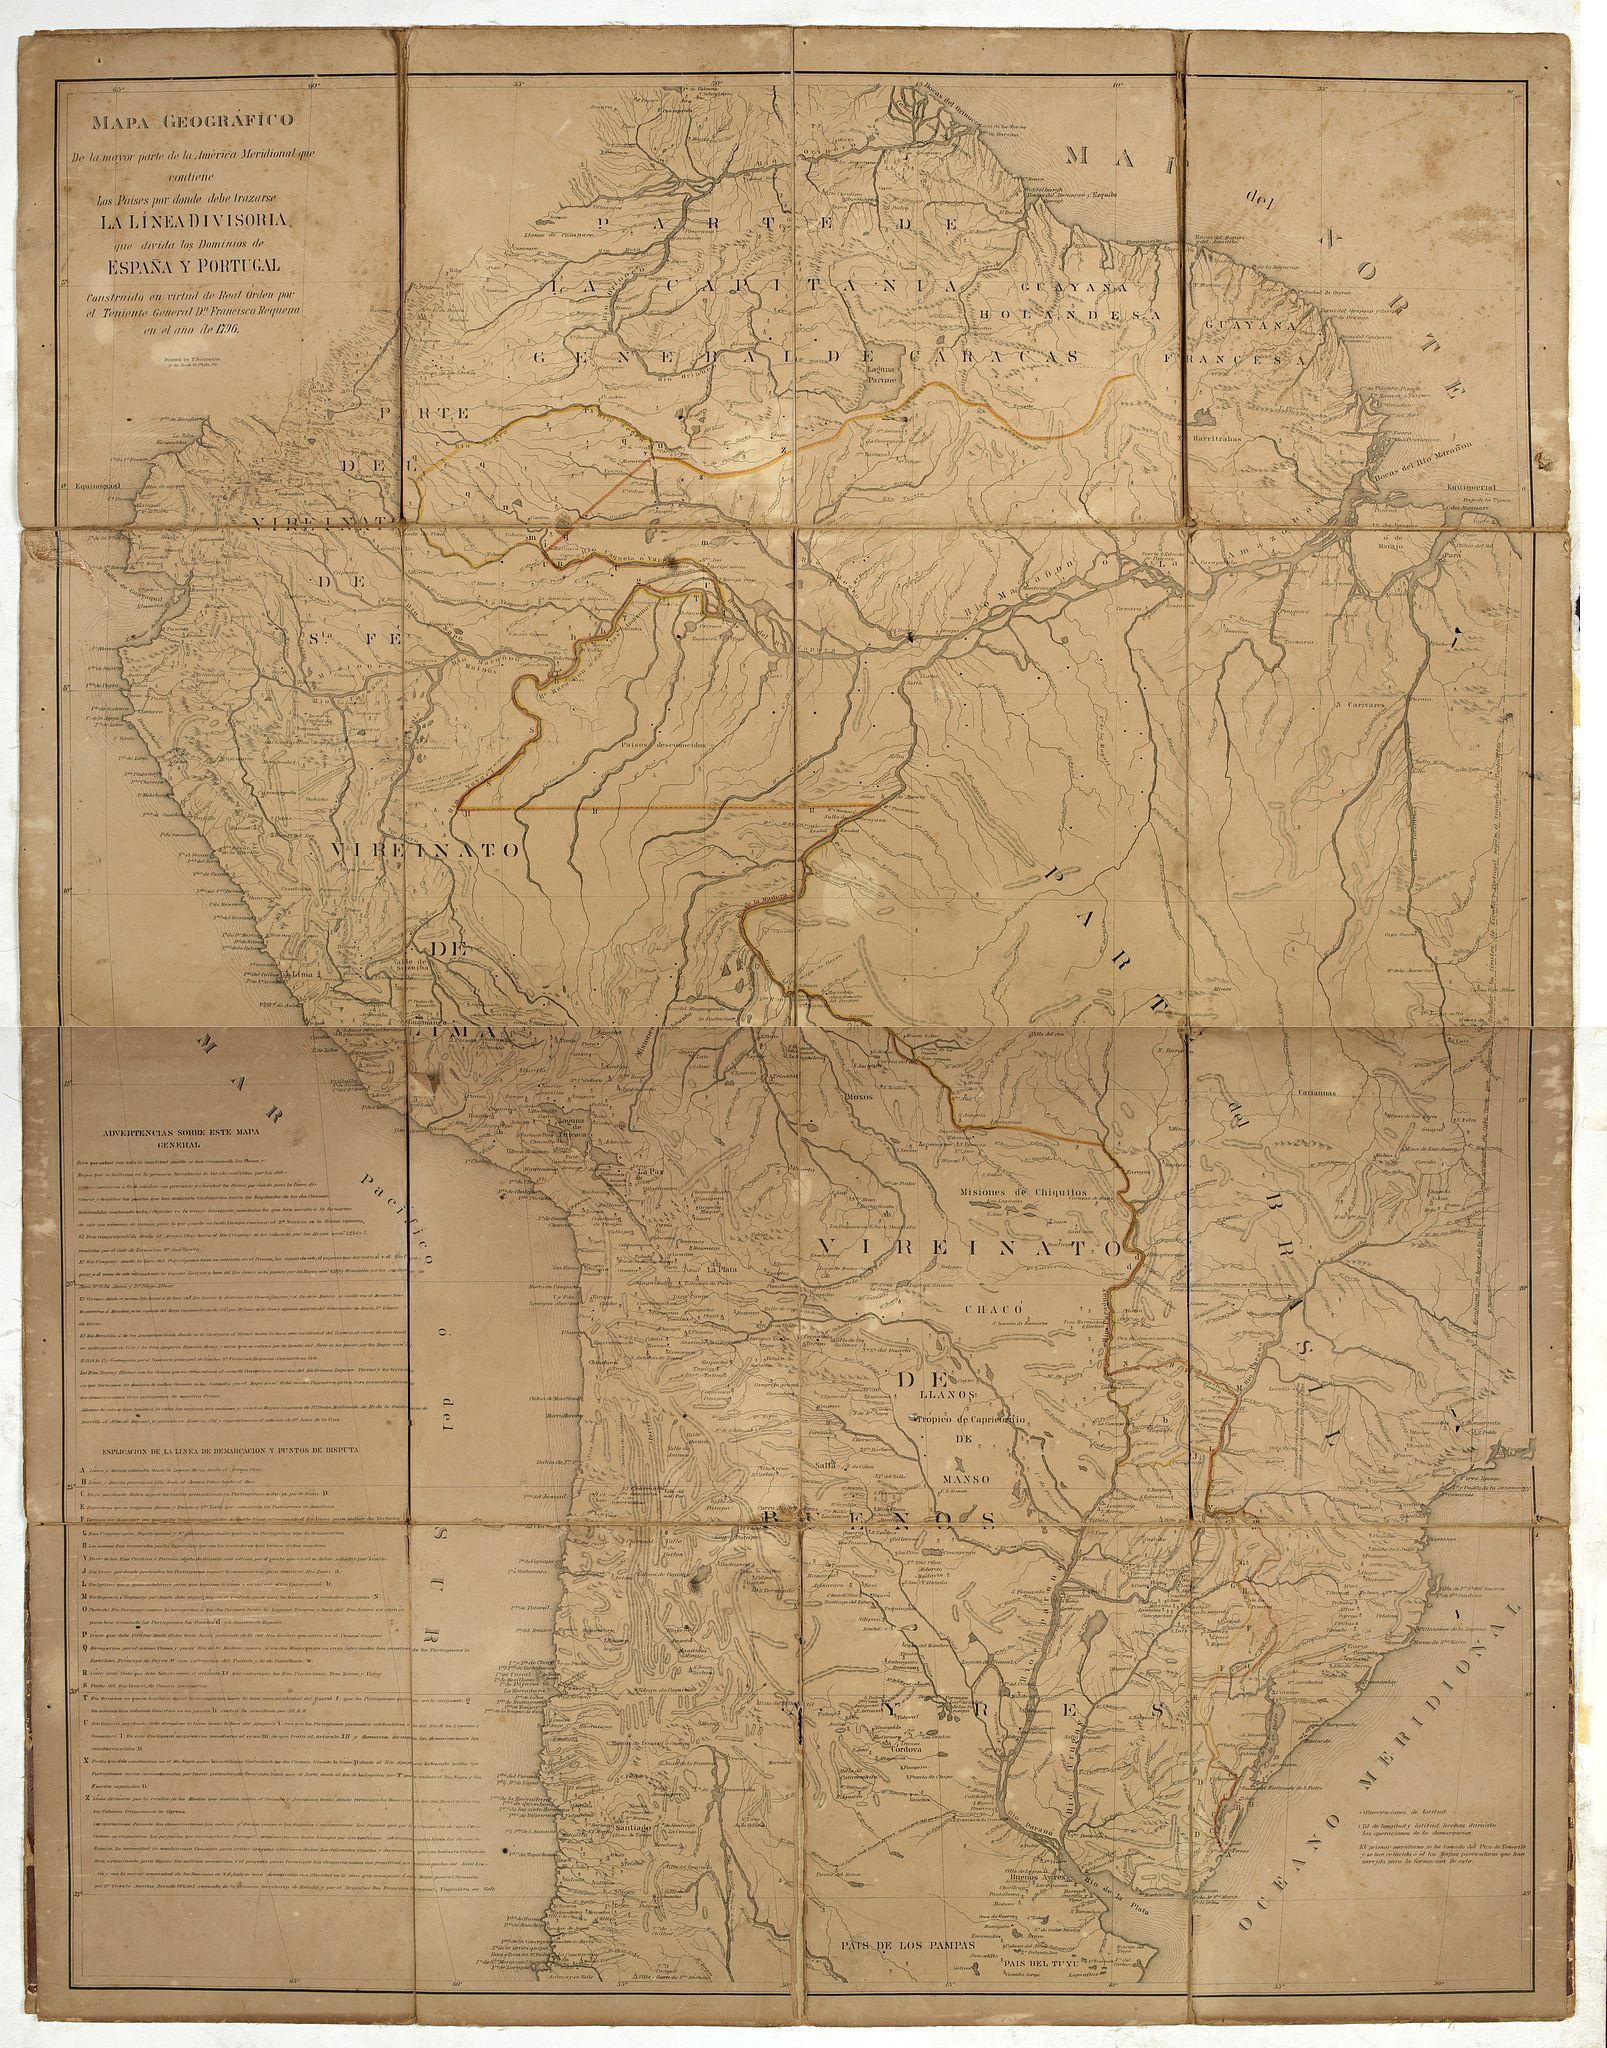 REQUENA, F. -  Mapa geogra´fico de la mayor parte de la Ame´rica Meridional que contiene los paises por donde debe trazarse la li´nia divisoria que divida los dominios de Espan~a y Portugal. . .